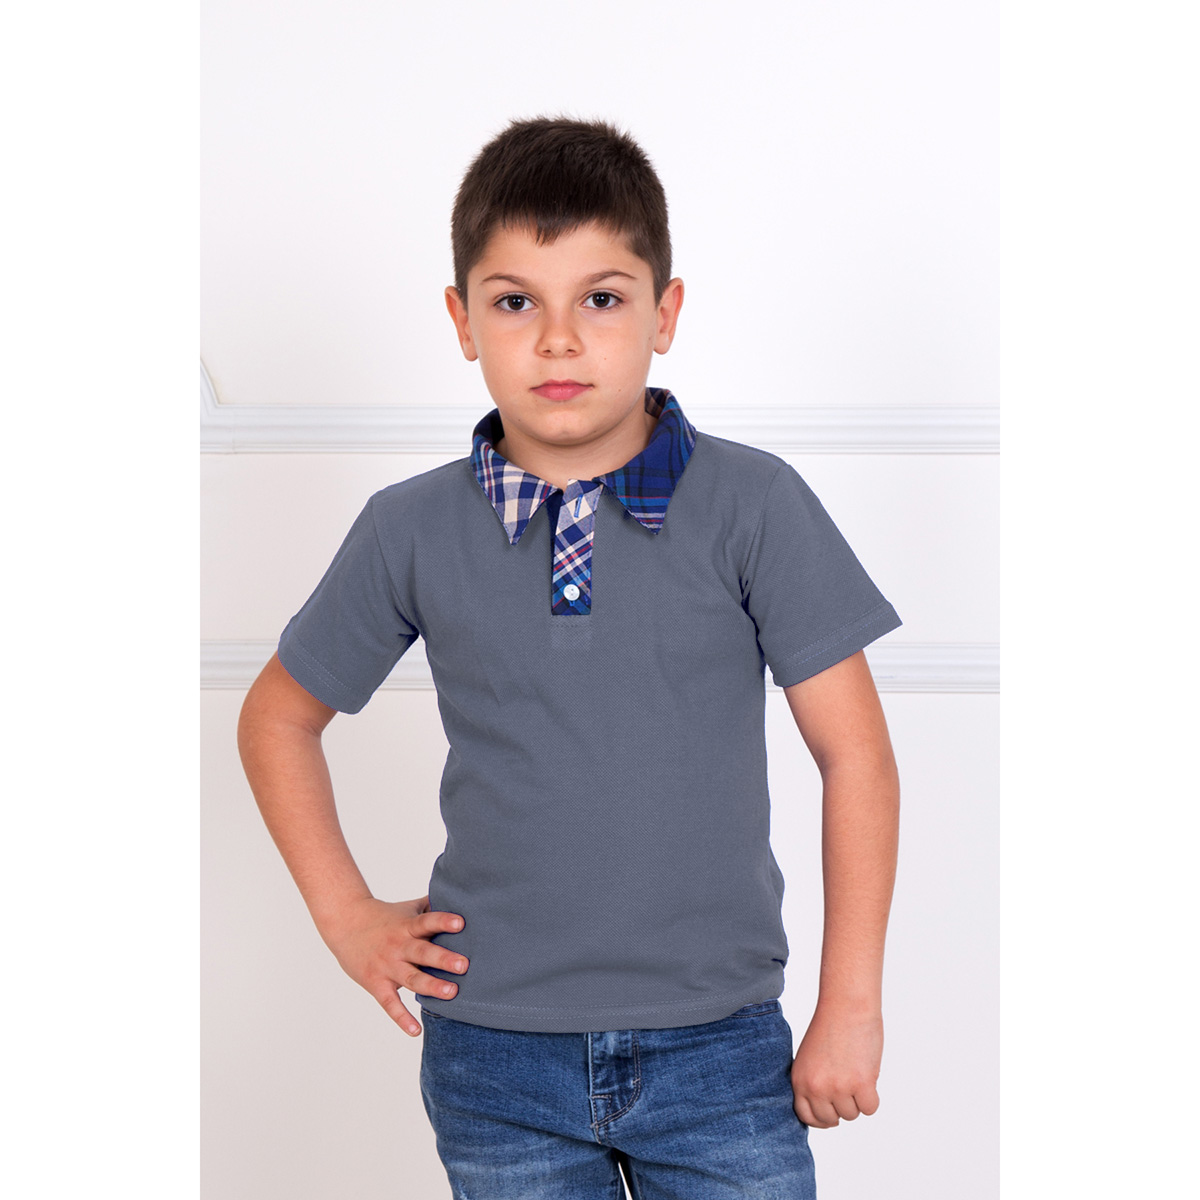 Детская футболка-поло Лаки Серый, размер 30Футболки и майки<br><br><br>Тип: Дет. футболка<br>Размер: 30<br>Материал: Пике